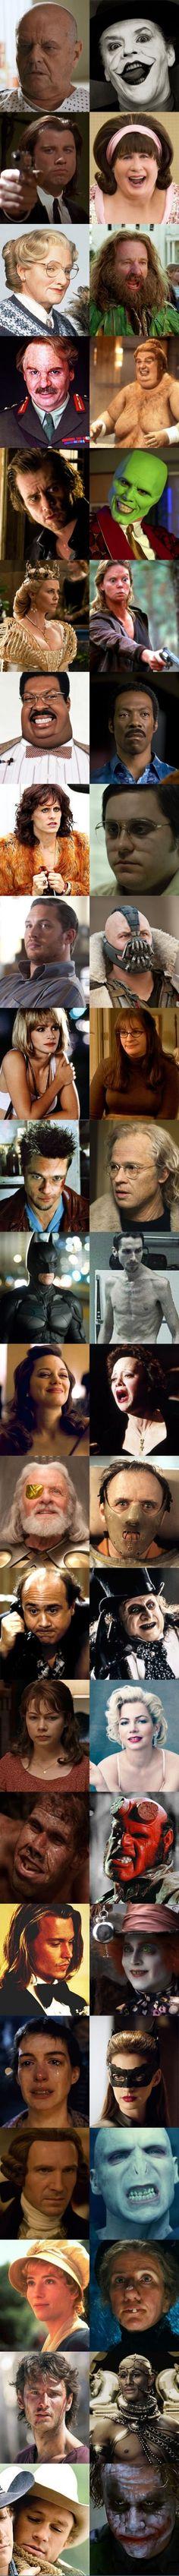 Contrasting Roles, actors,